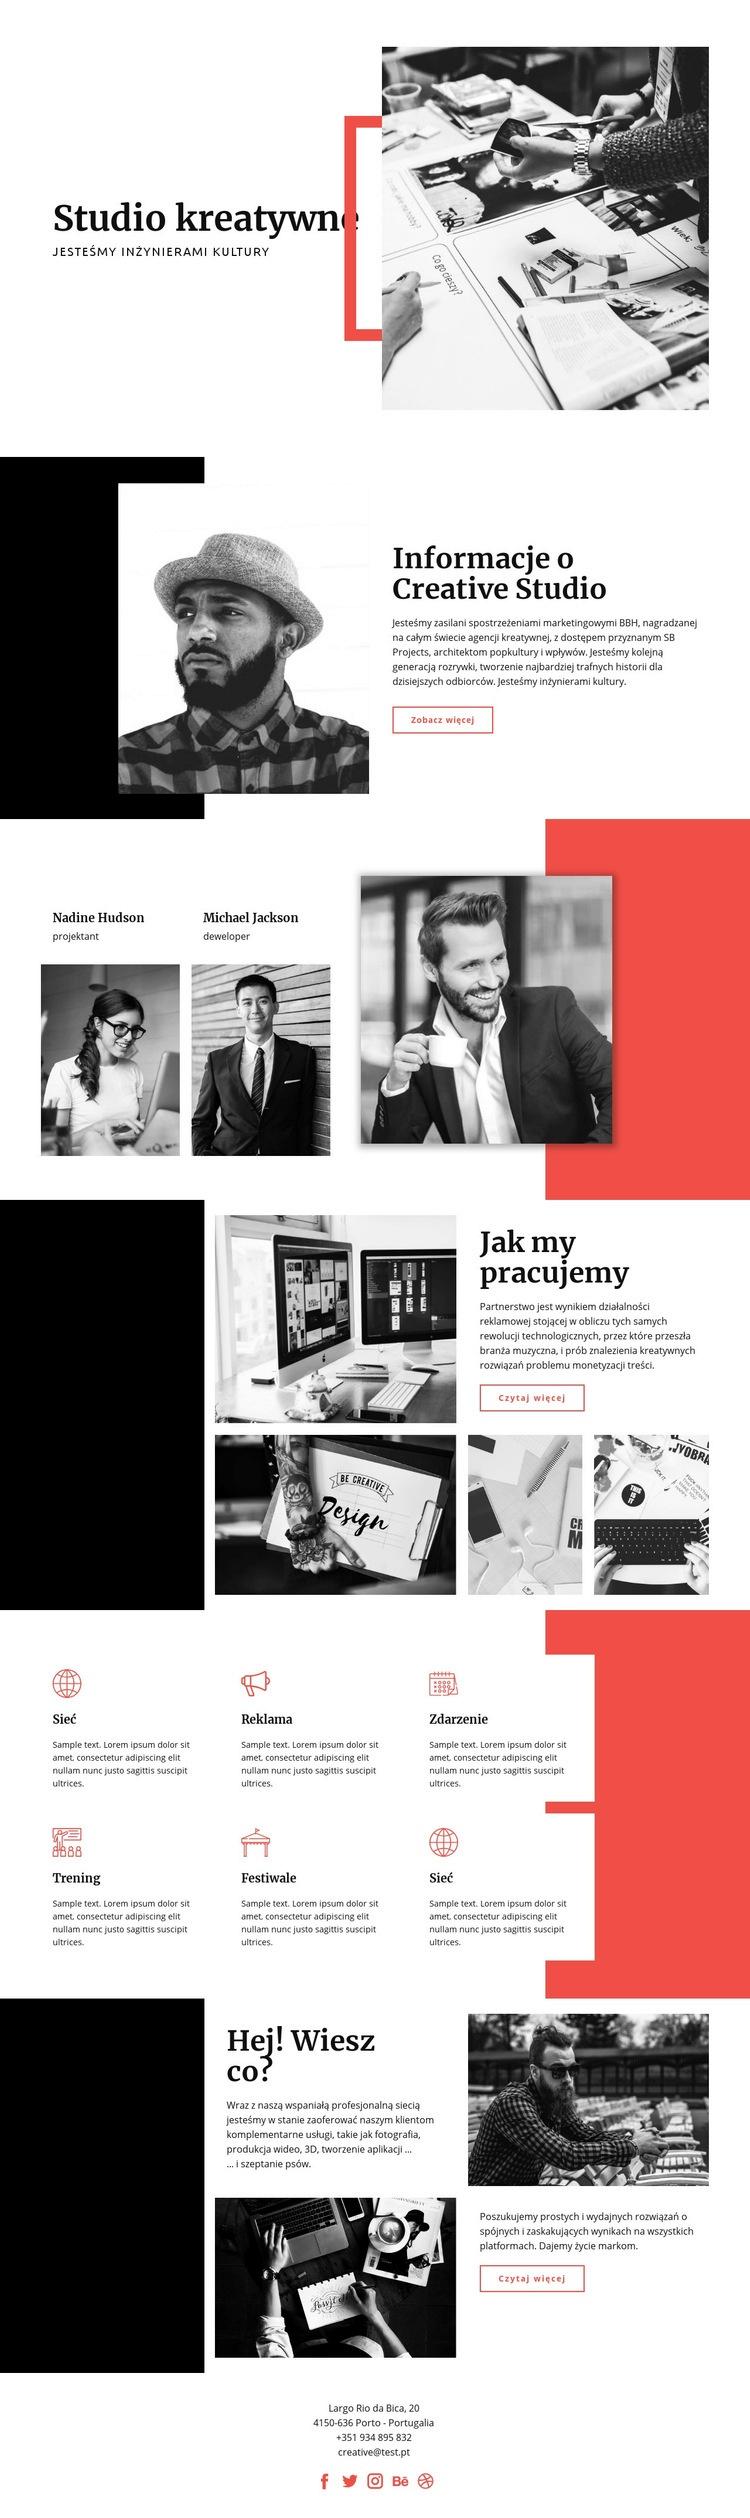 Studio kreatywne Szablon witryny sieci Web